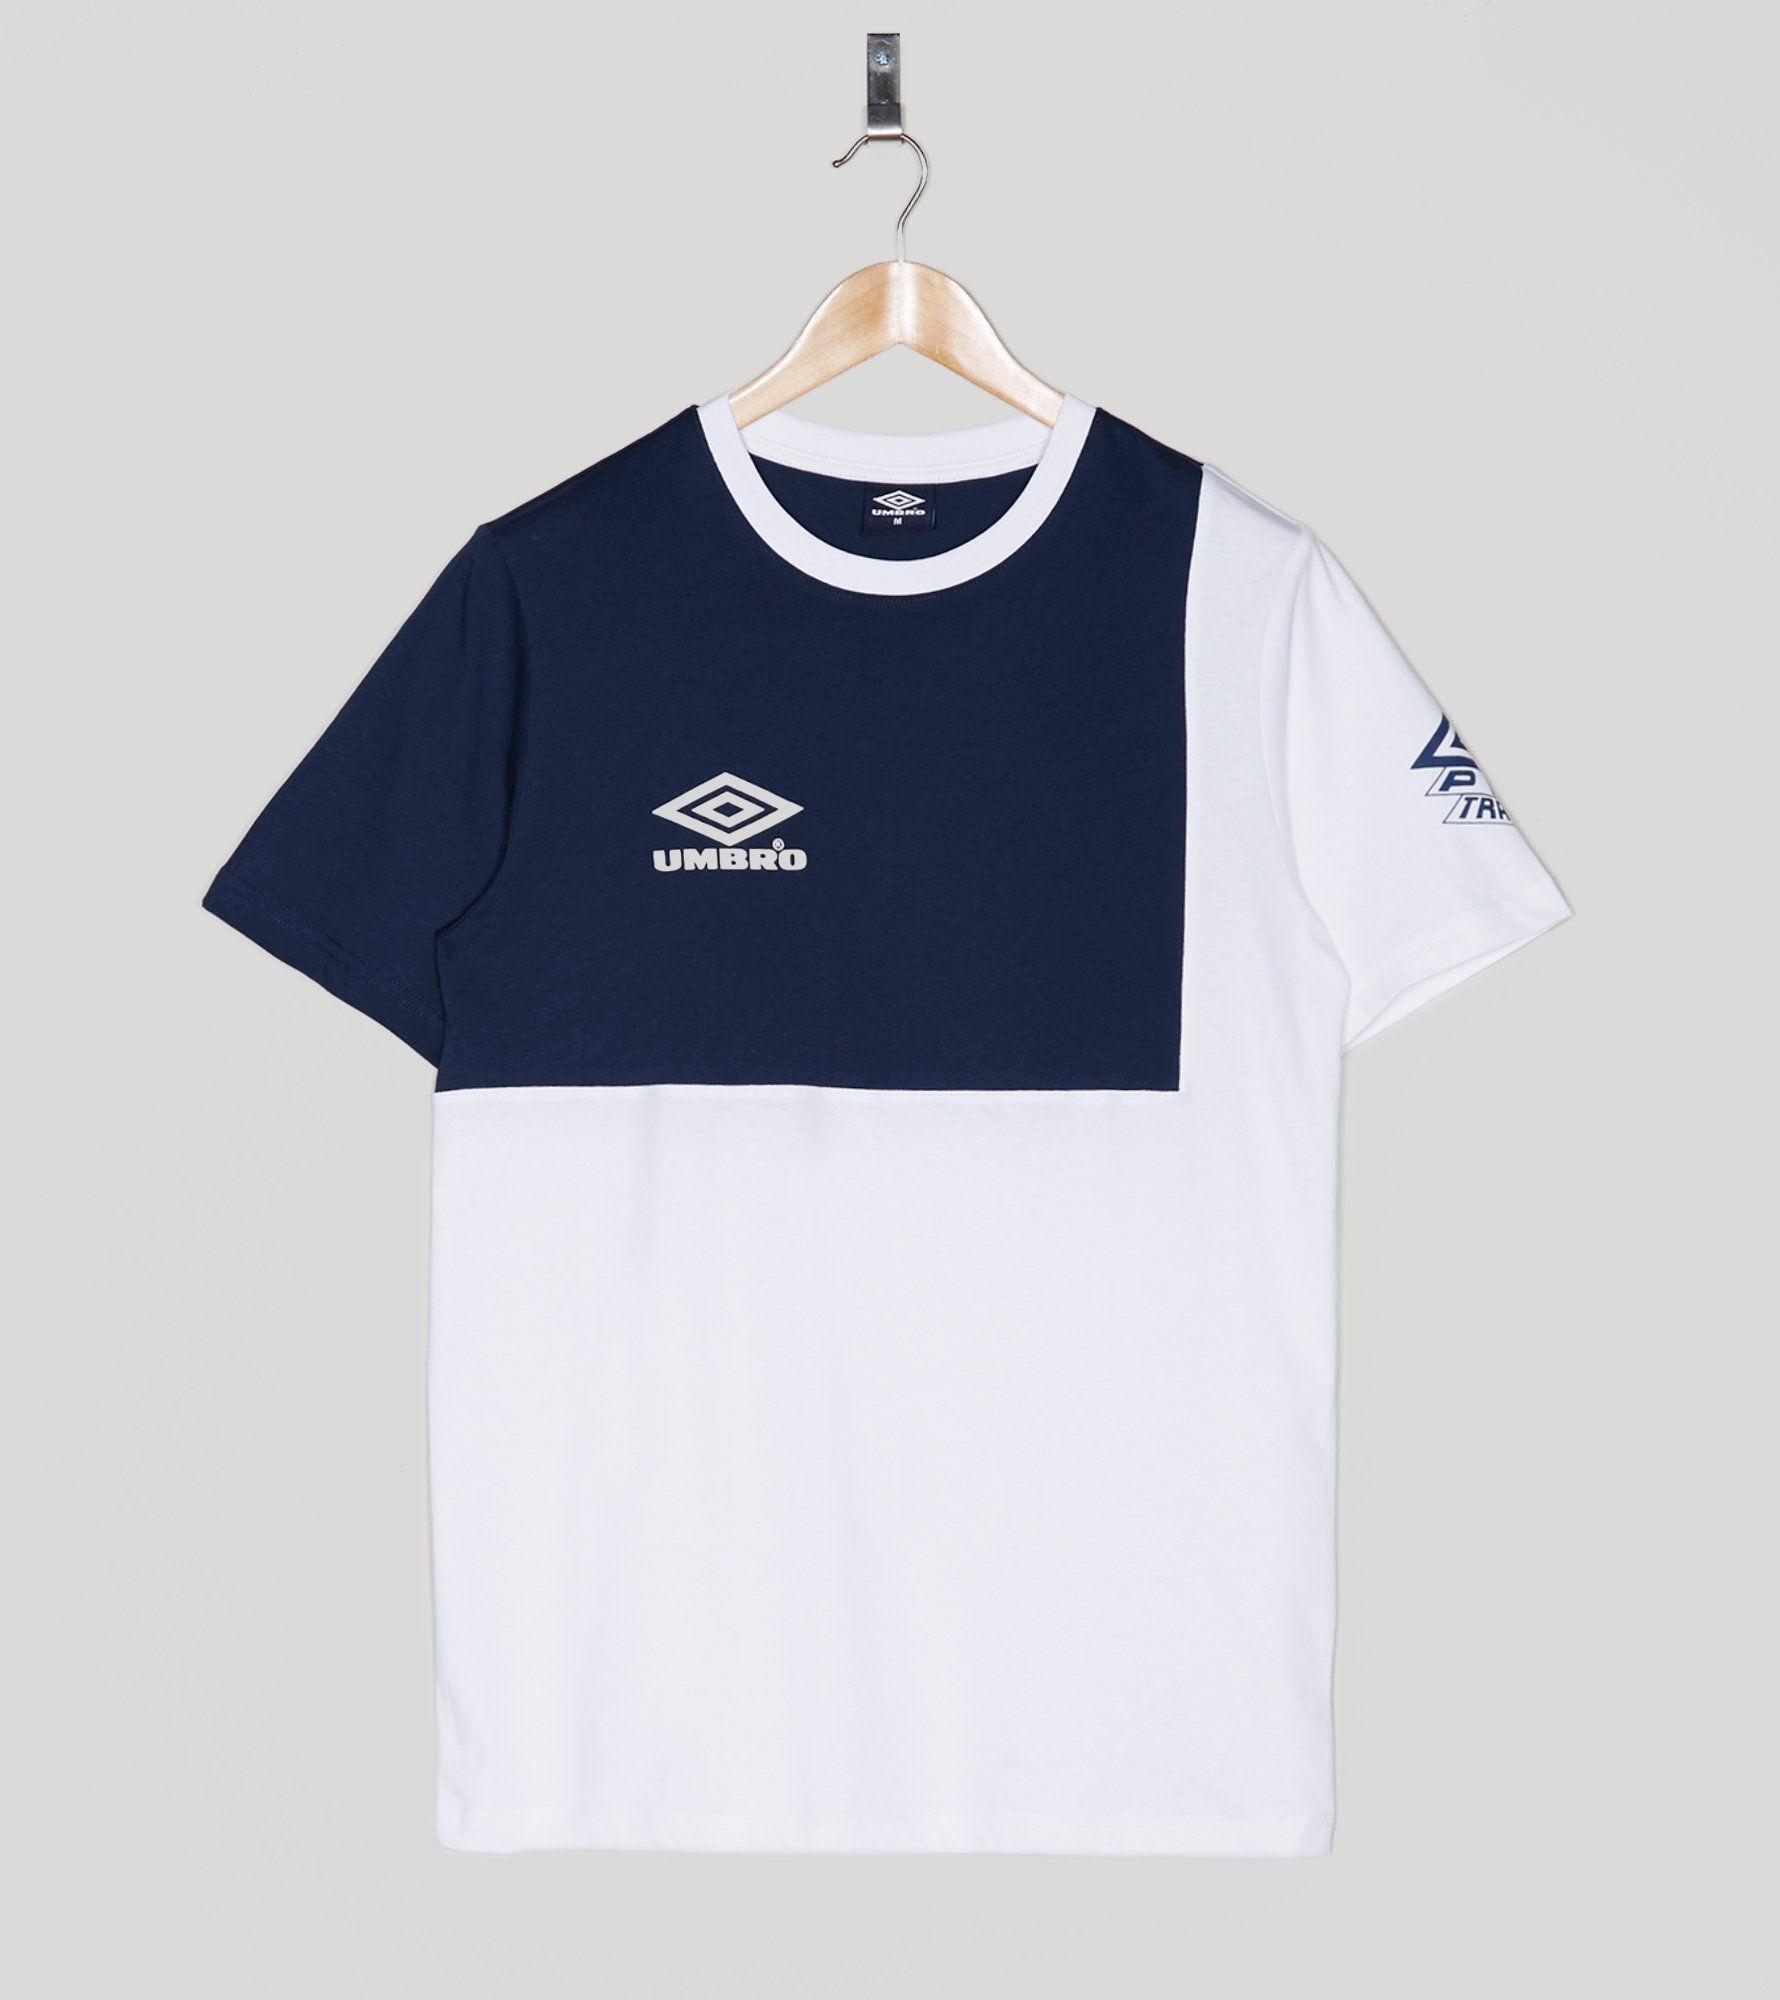 Black umbro t shirt - Black Umbro T Shirt 55